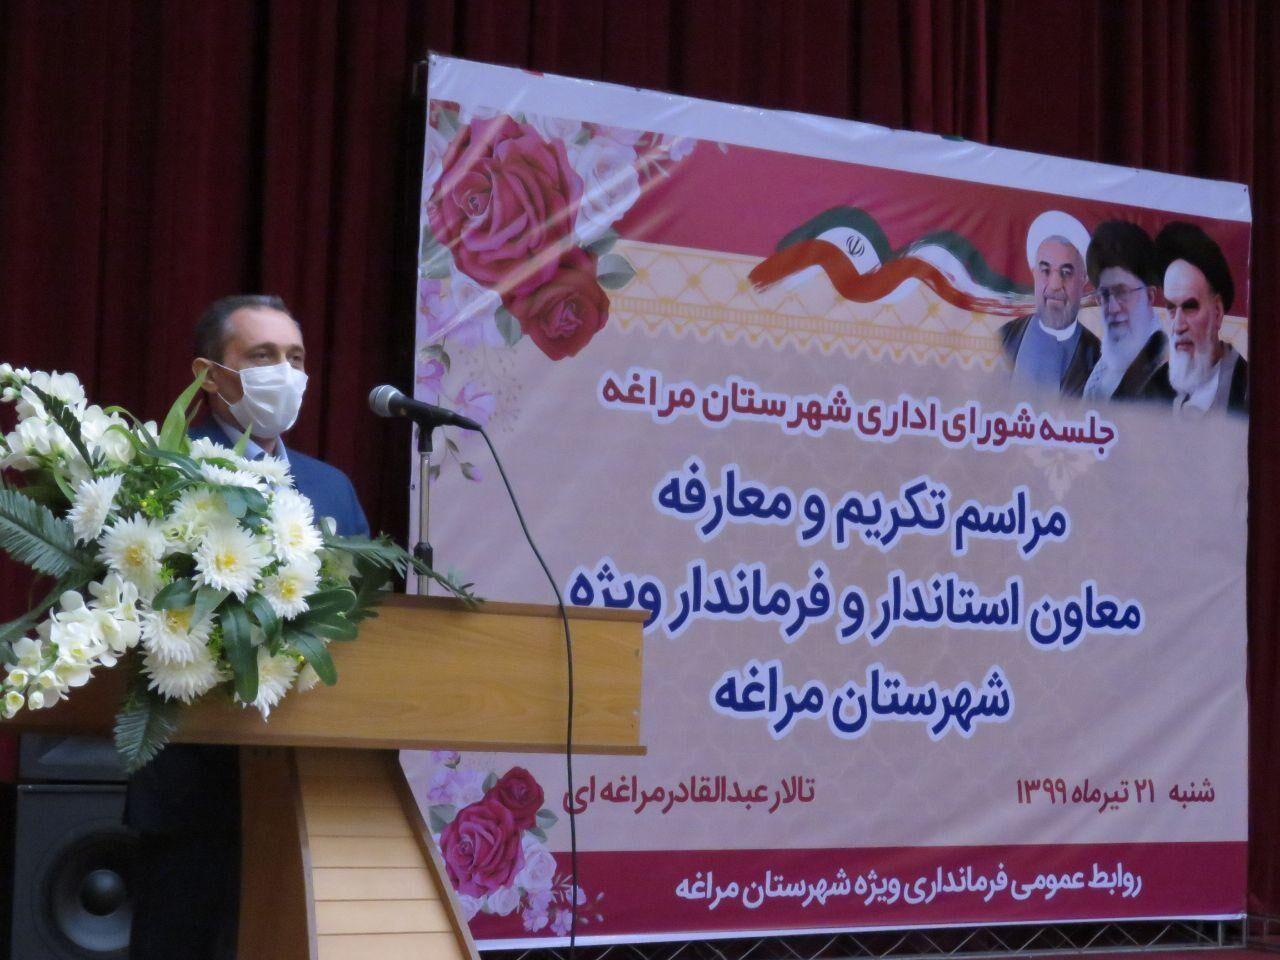 معاون سیاسی استاندار آذربایجان شرقی: ایجاد فضای همدلی وظیفه فرمانداران است